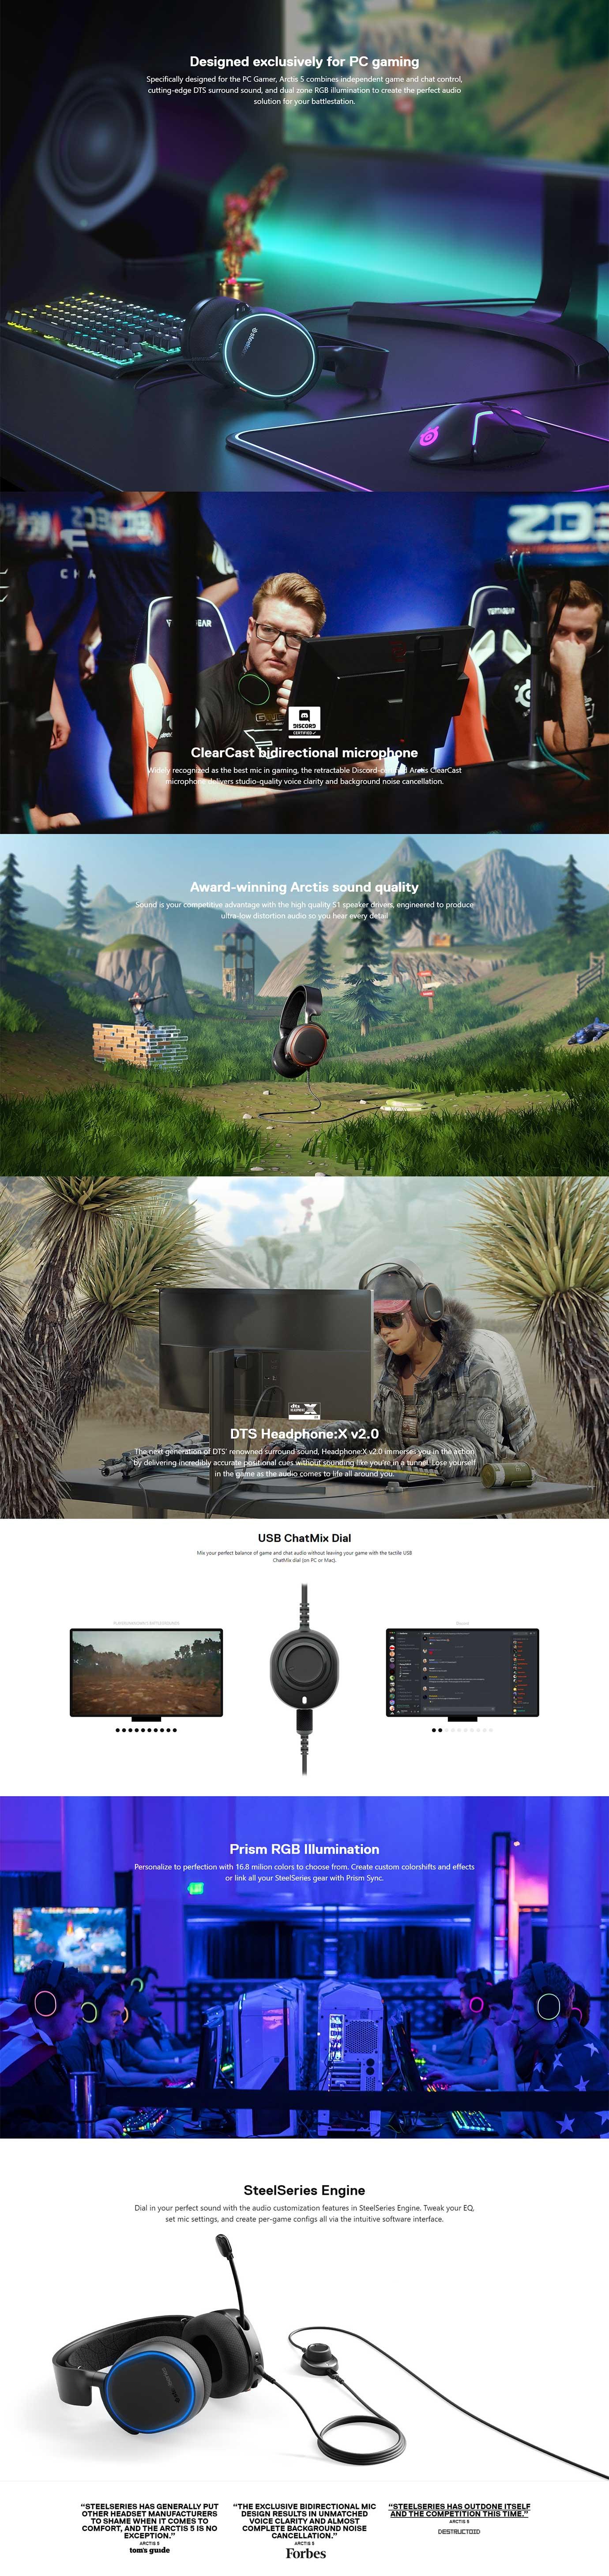 SteelSeries Arctis 5 RGB 7.1 Gaming Headset